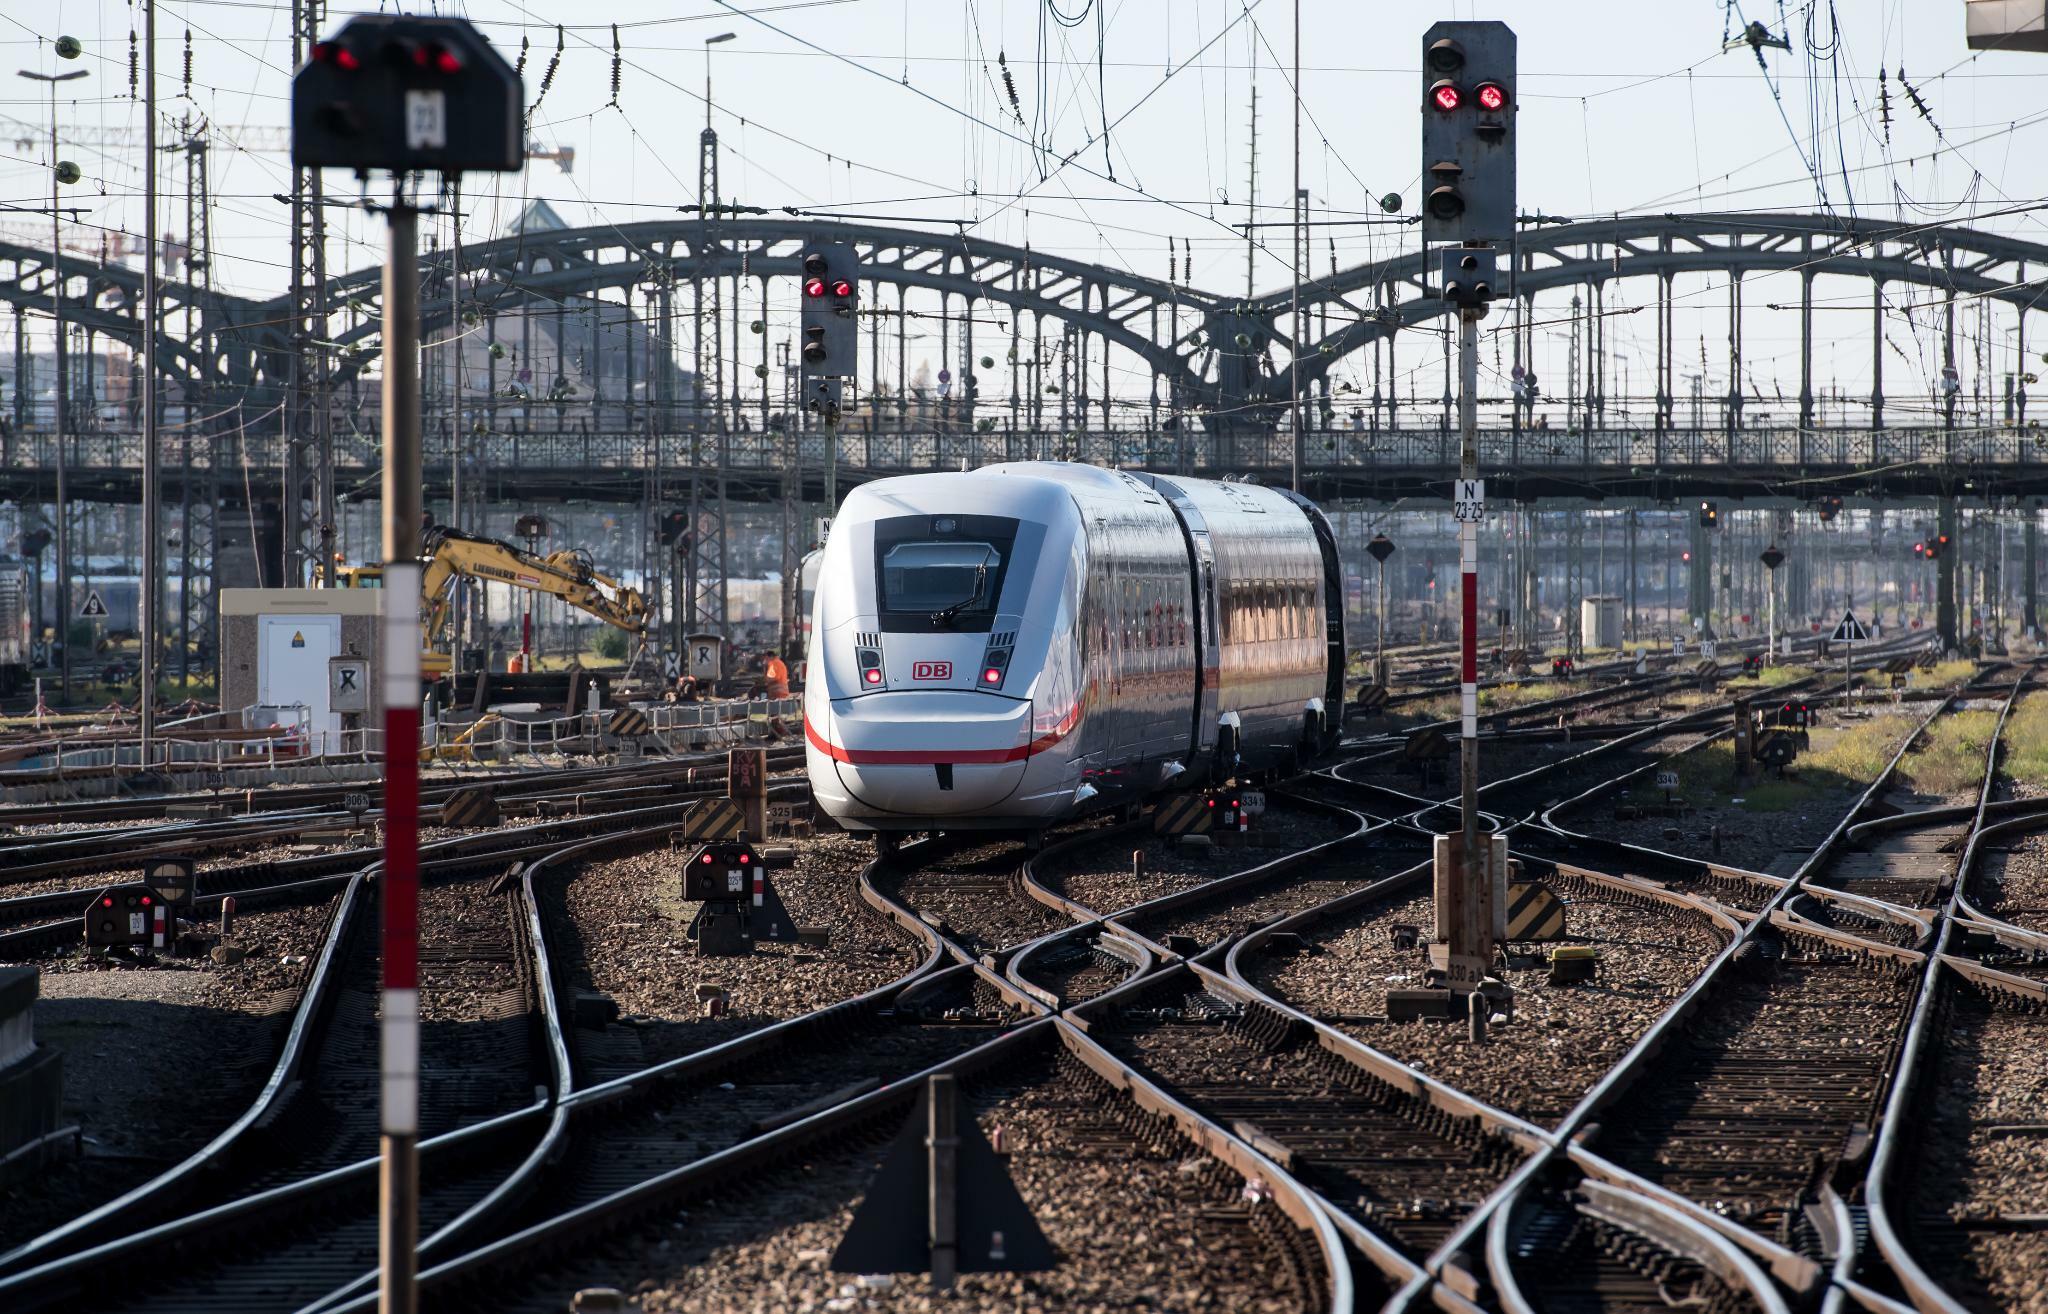 Energiekonzern: Innogy liefert Windstrom an die Deutsche Bahn